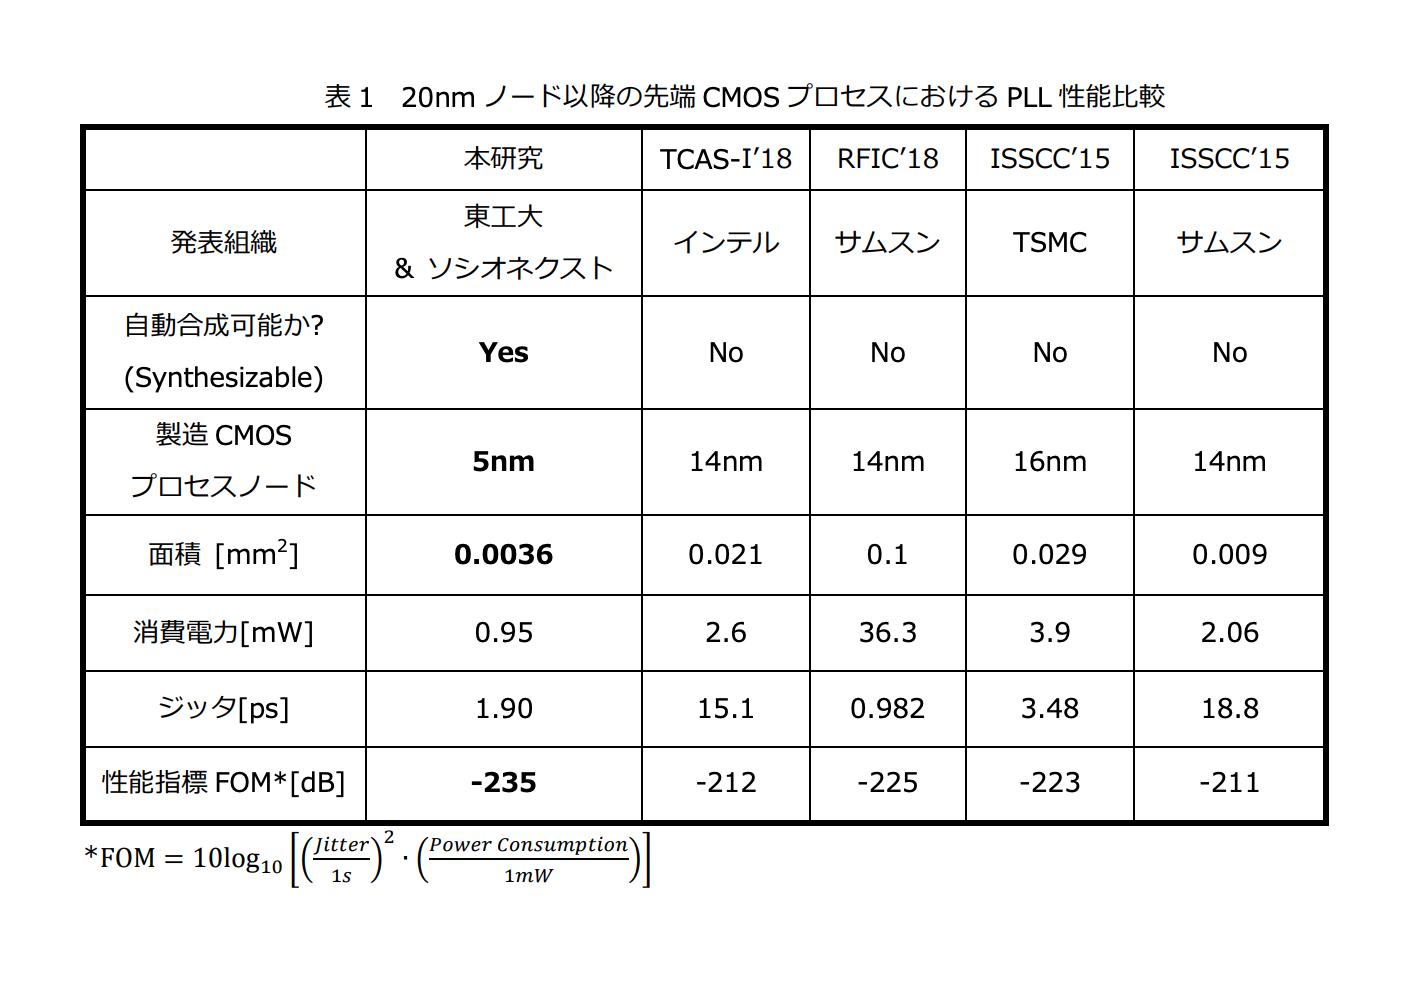 https://www.eda-express.com/%E3%82%B9%E3%82%AF%E3%83%AA%E3%83%BC%E3%83%B3%E3%82%B7%E3%83%A7%E3%83%83%E3%83%88%202020-02-14%2014.04.10.png